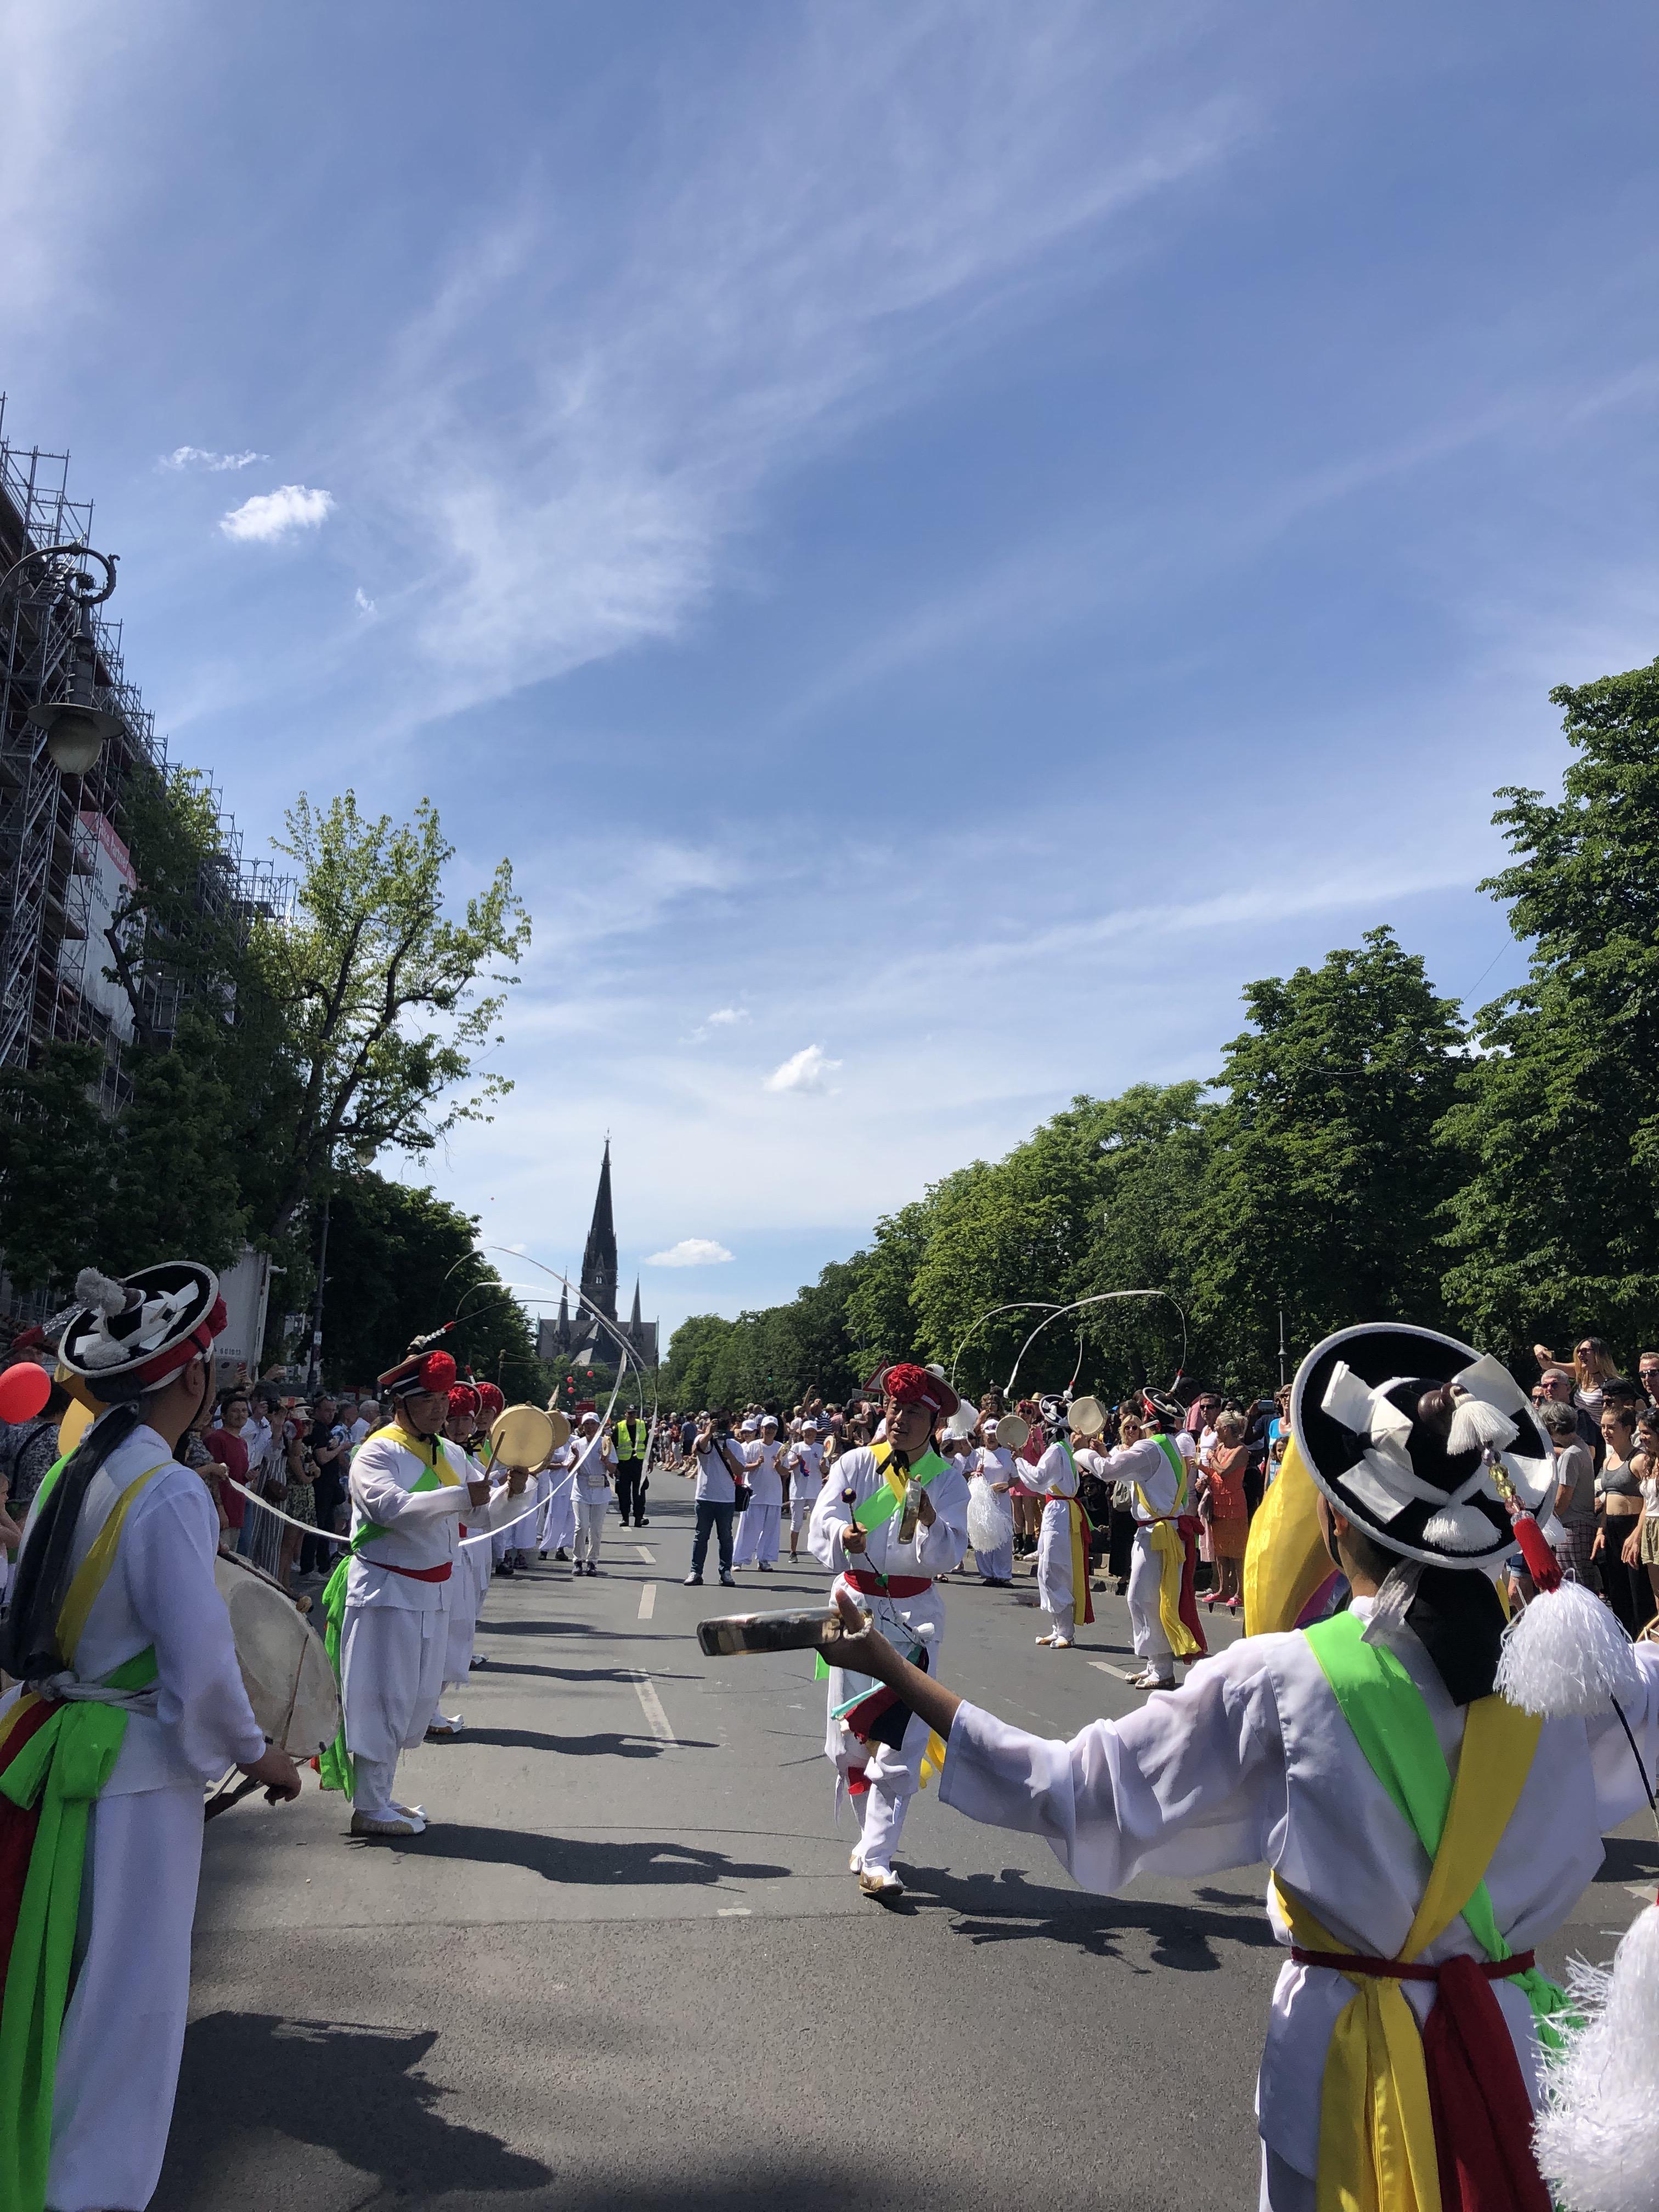 베를린 세계다문화축제 2019 참가 - 한국팀 (4).jpg